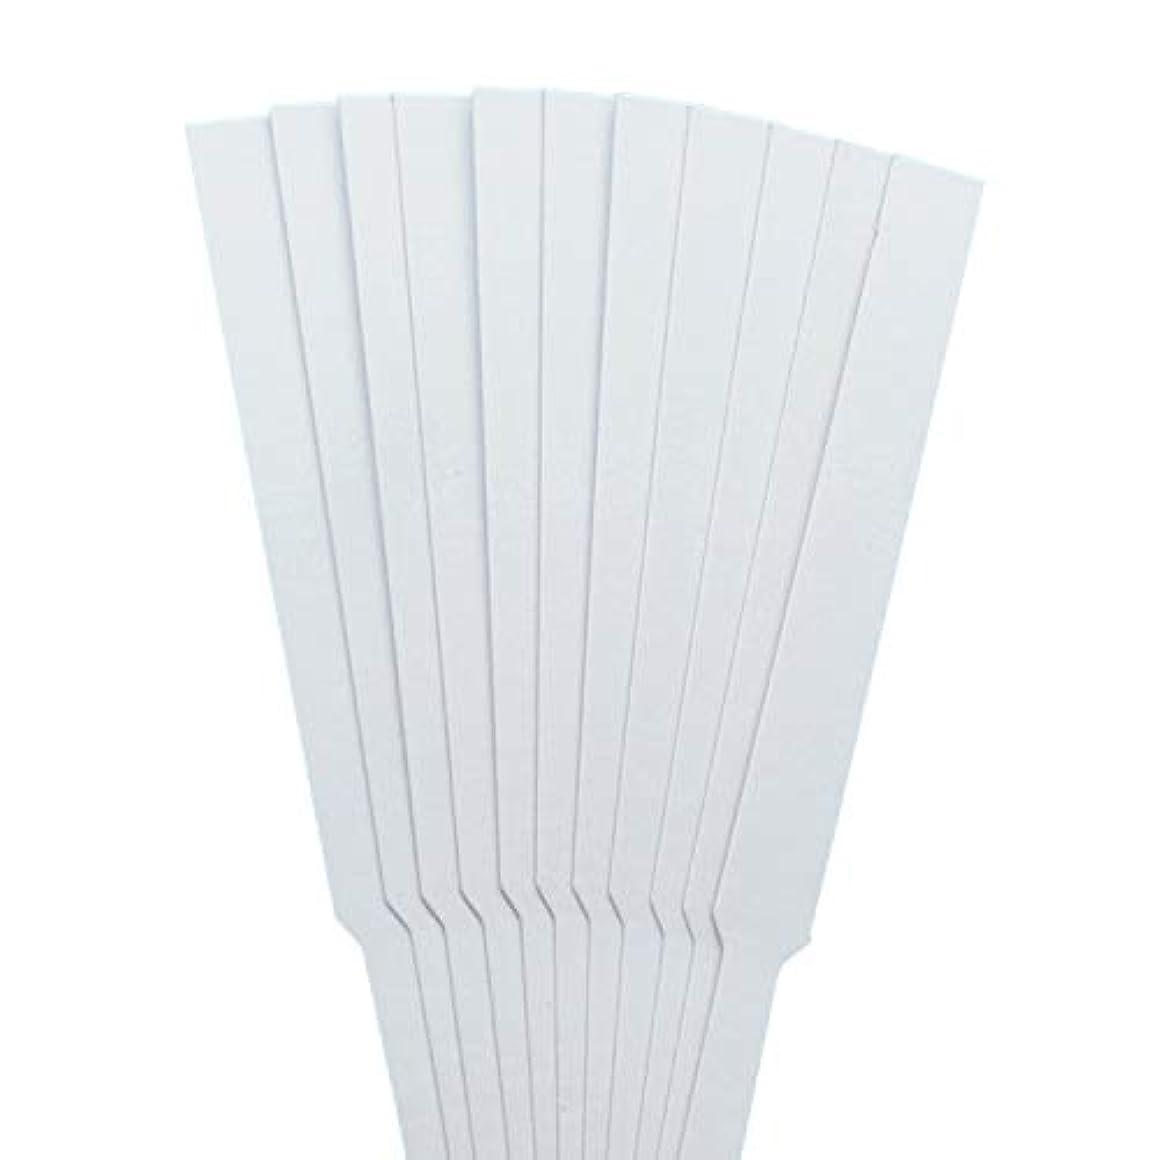 ドループ海外協力するストリップテスト migavann テストストリップ 香りのアロマセラピーエッセンシャルオイルをテストするための100個の130×12ミリメートルの香水試験紙ストリップ